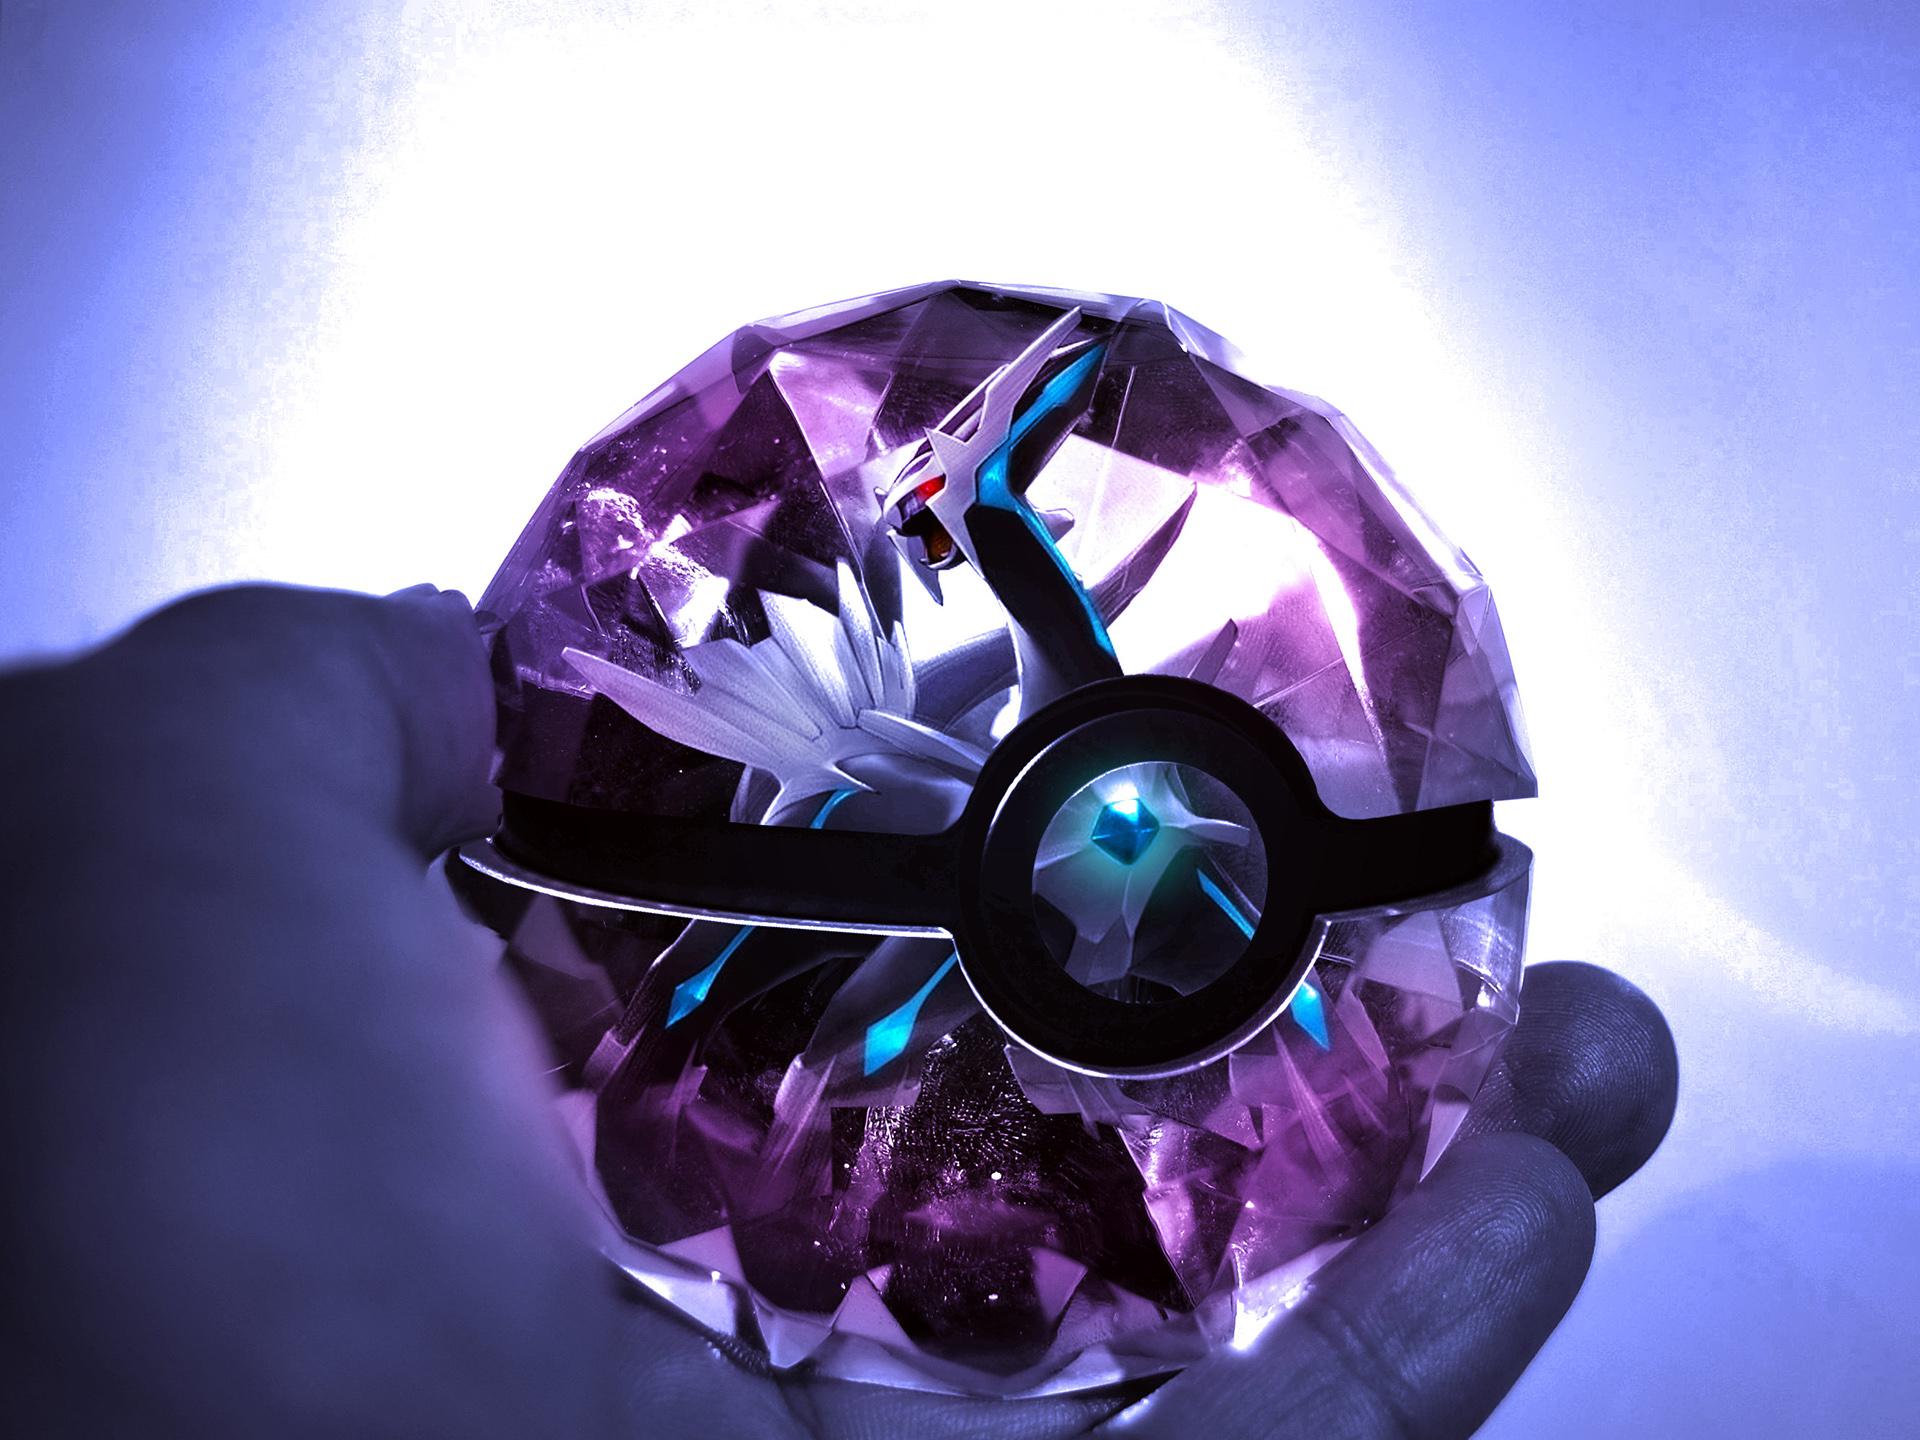 Pokemon Pokeball Wallpaper Hd Pokemon poke ball purple 1920x1440